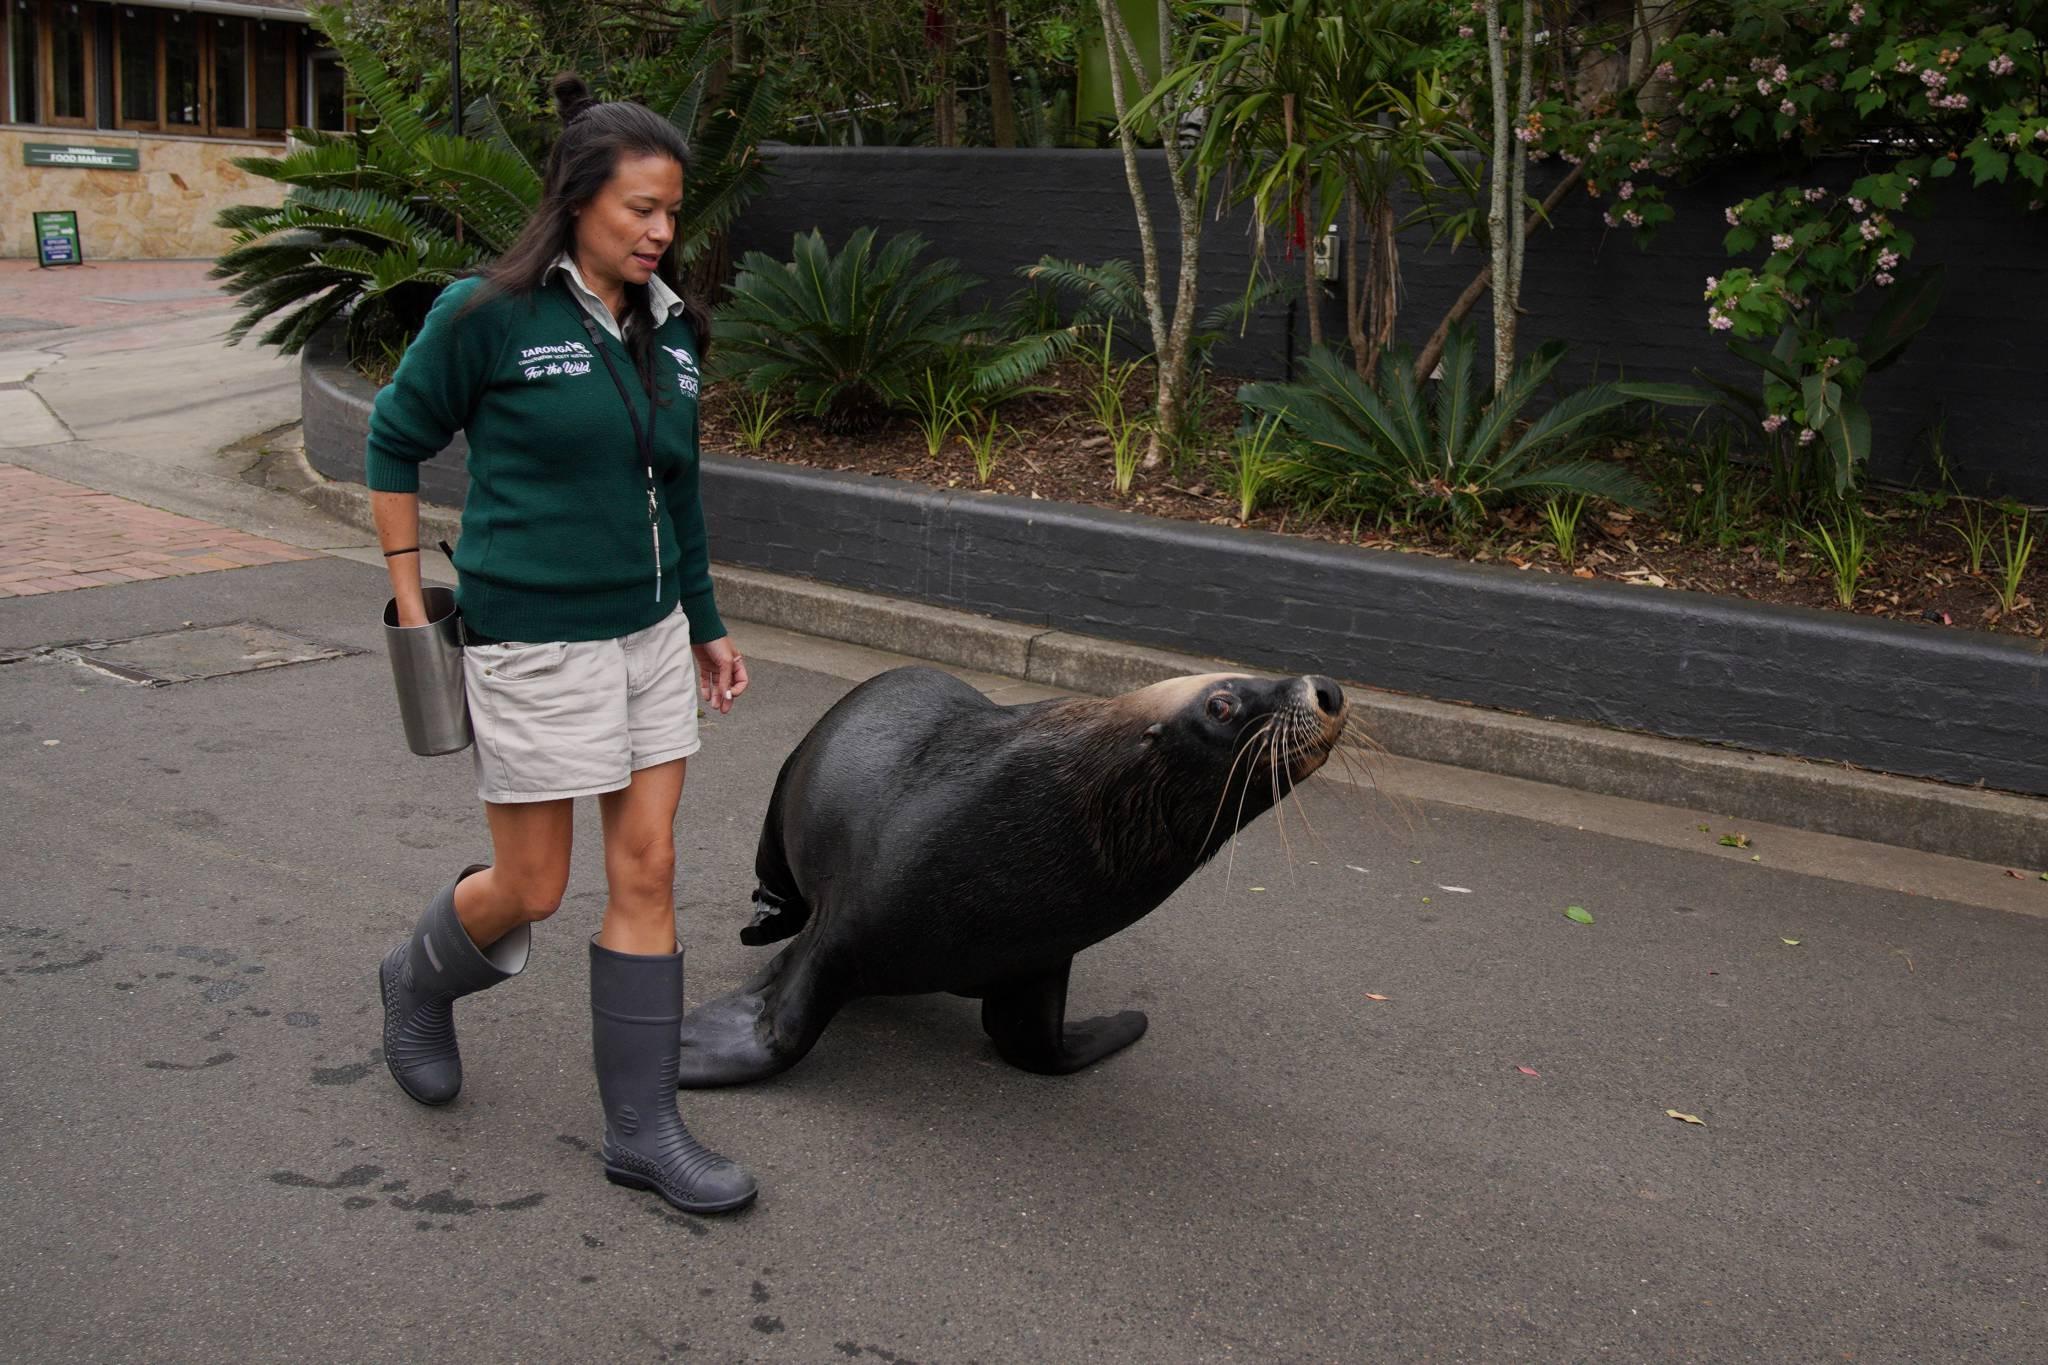 Przyroda budzi się do życia - piękne zdjęcia zwierząt w największych miastach na świecie